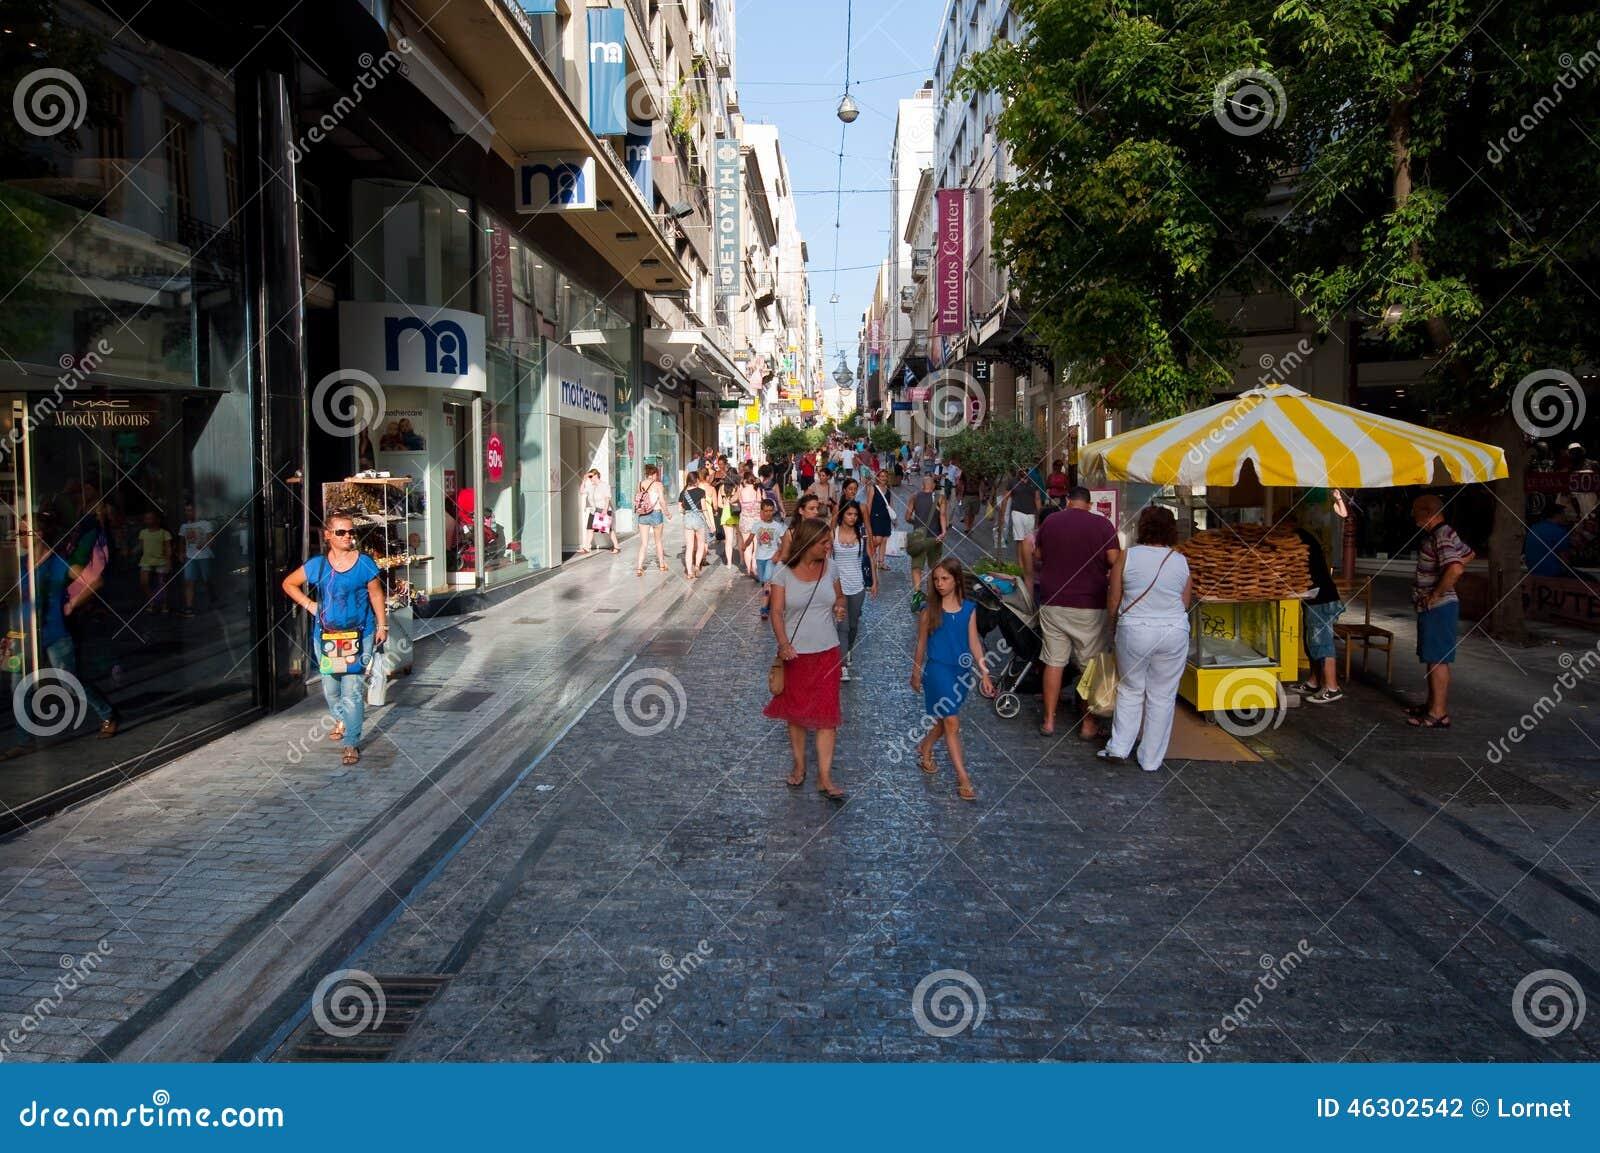 ATHEN 22. AUGUST: Einkauf auf Ermou-Straße mit Menge von Leuten am 22. August 2014 in Athen, Griechenland